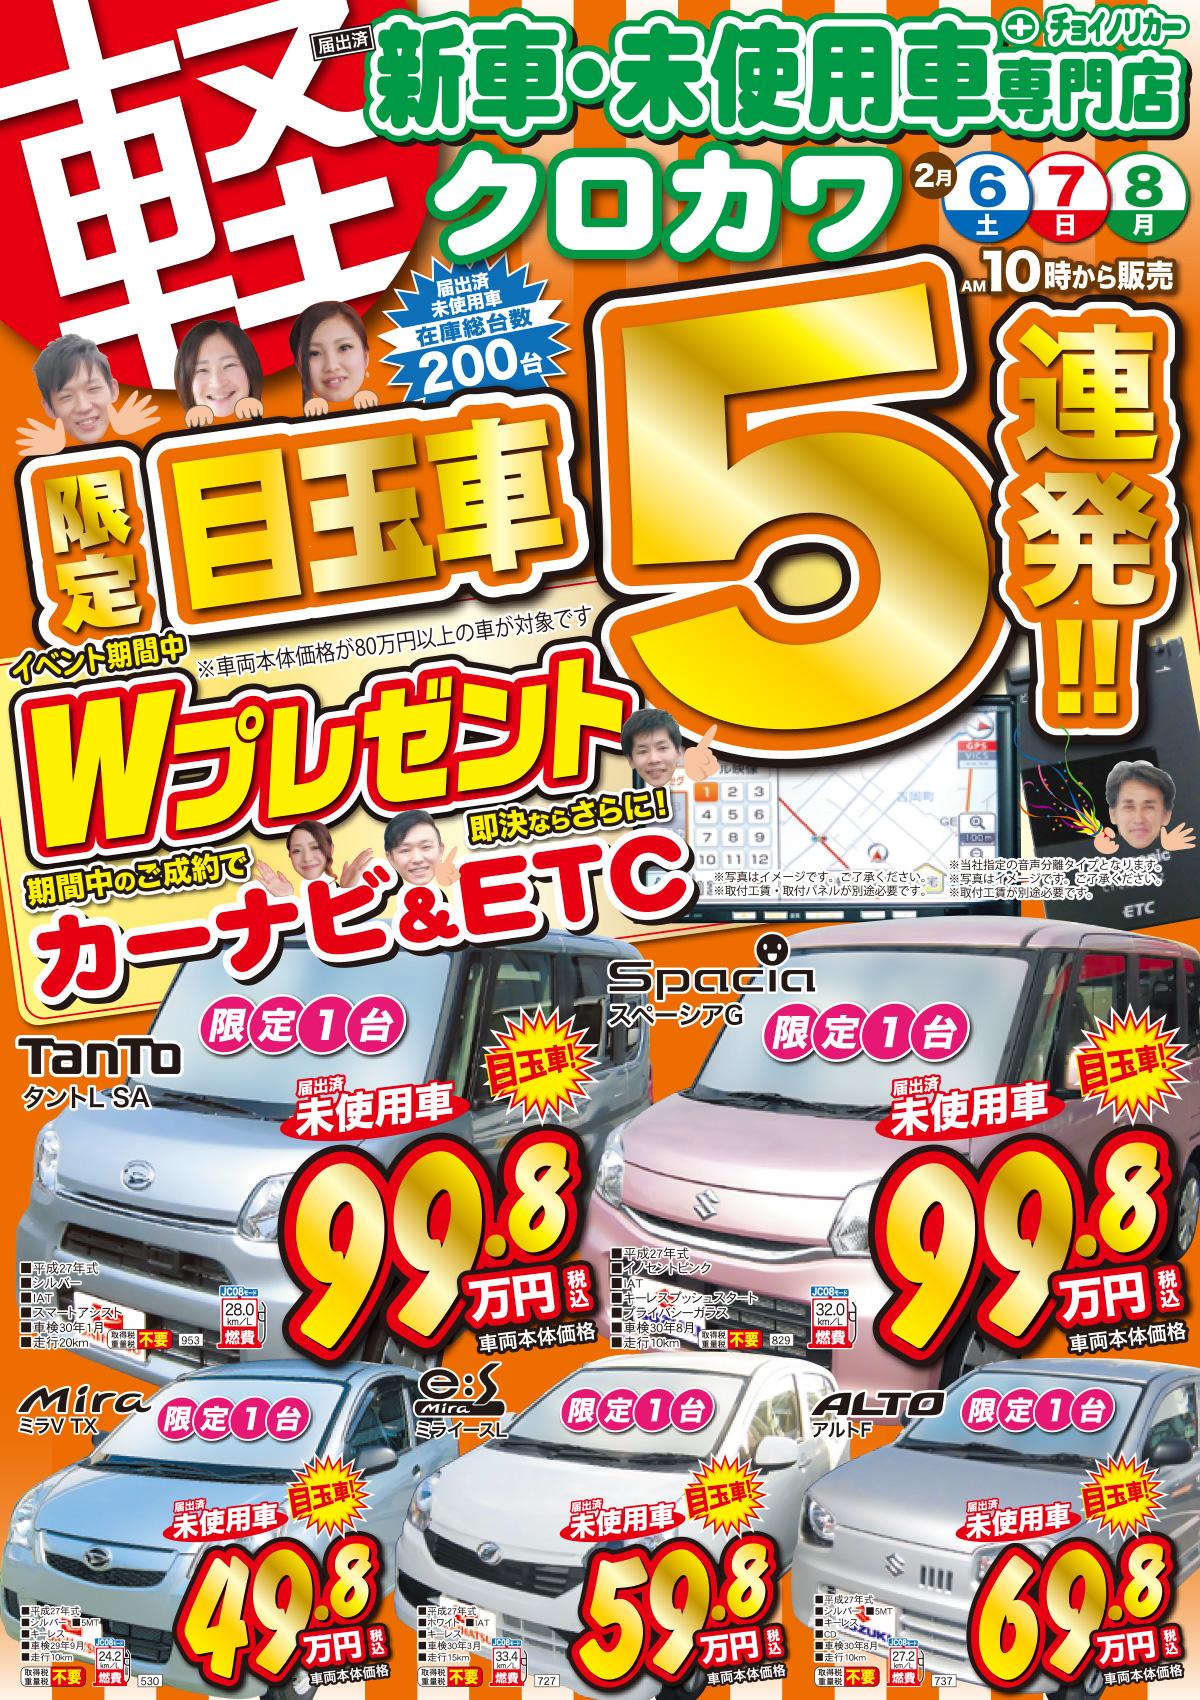 限定目玉車5連発!カーナビ&ETC…Wプレゼント!